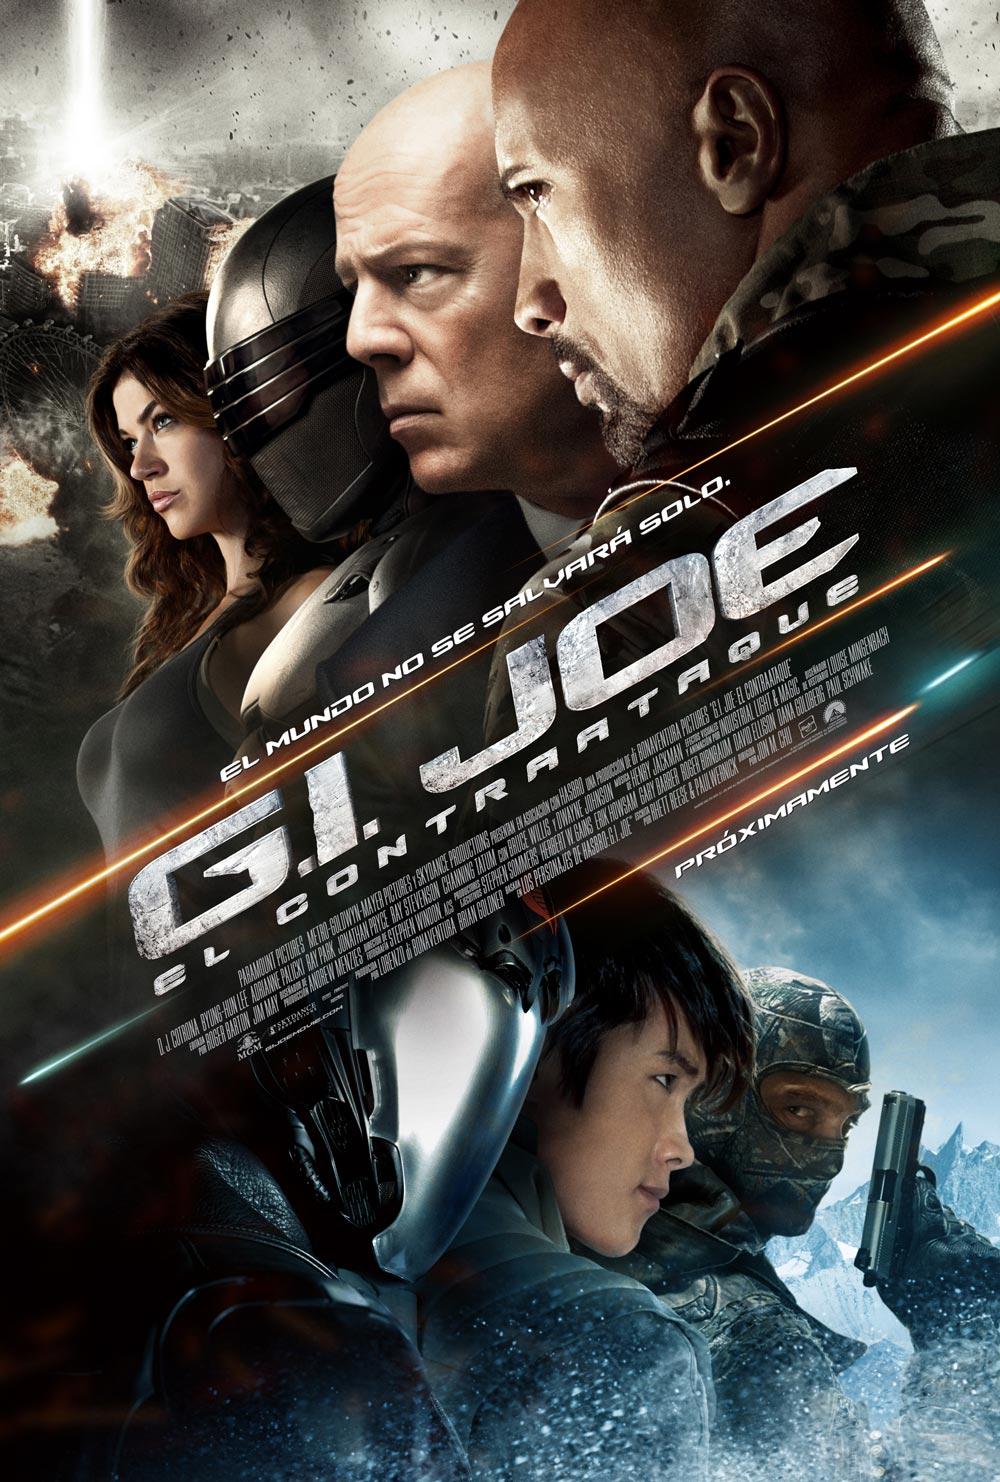 Joe 2: la venganza (2013)